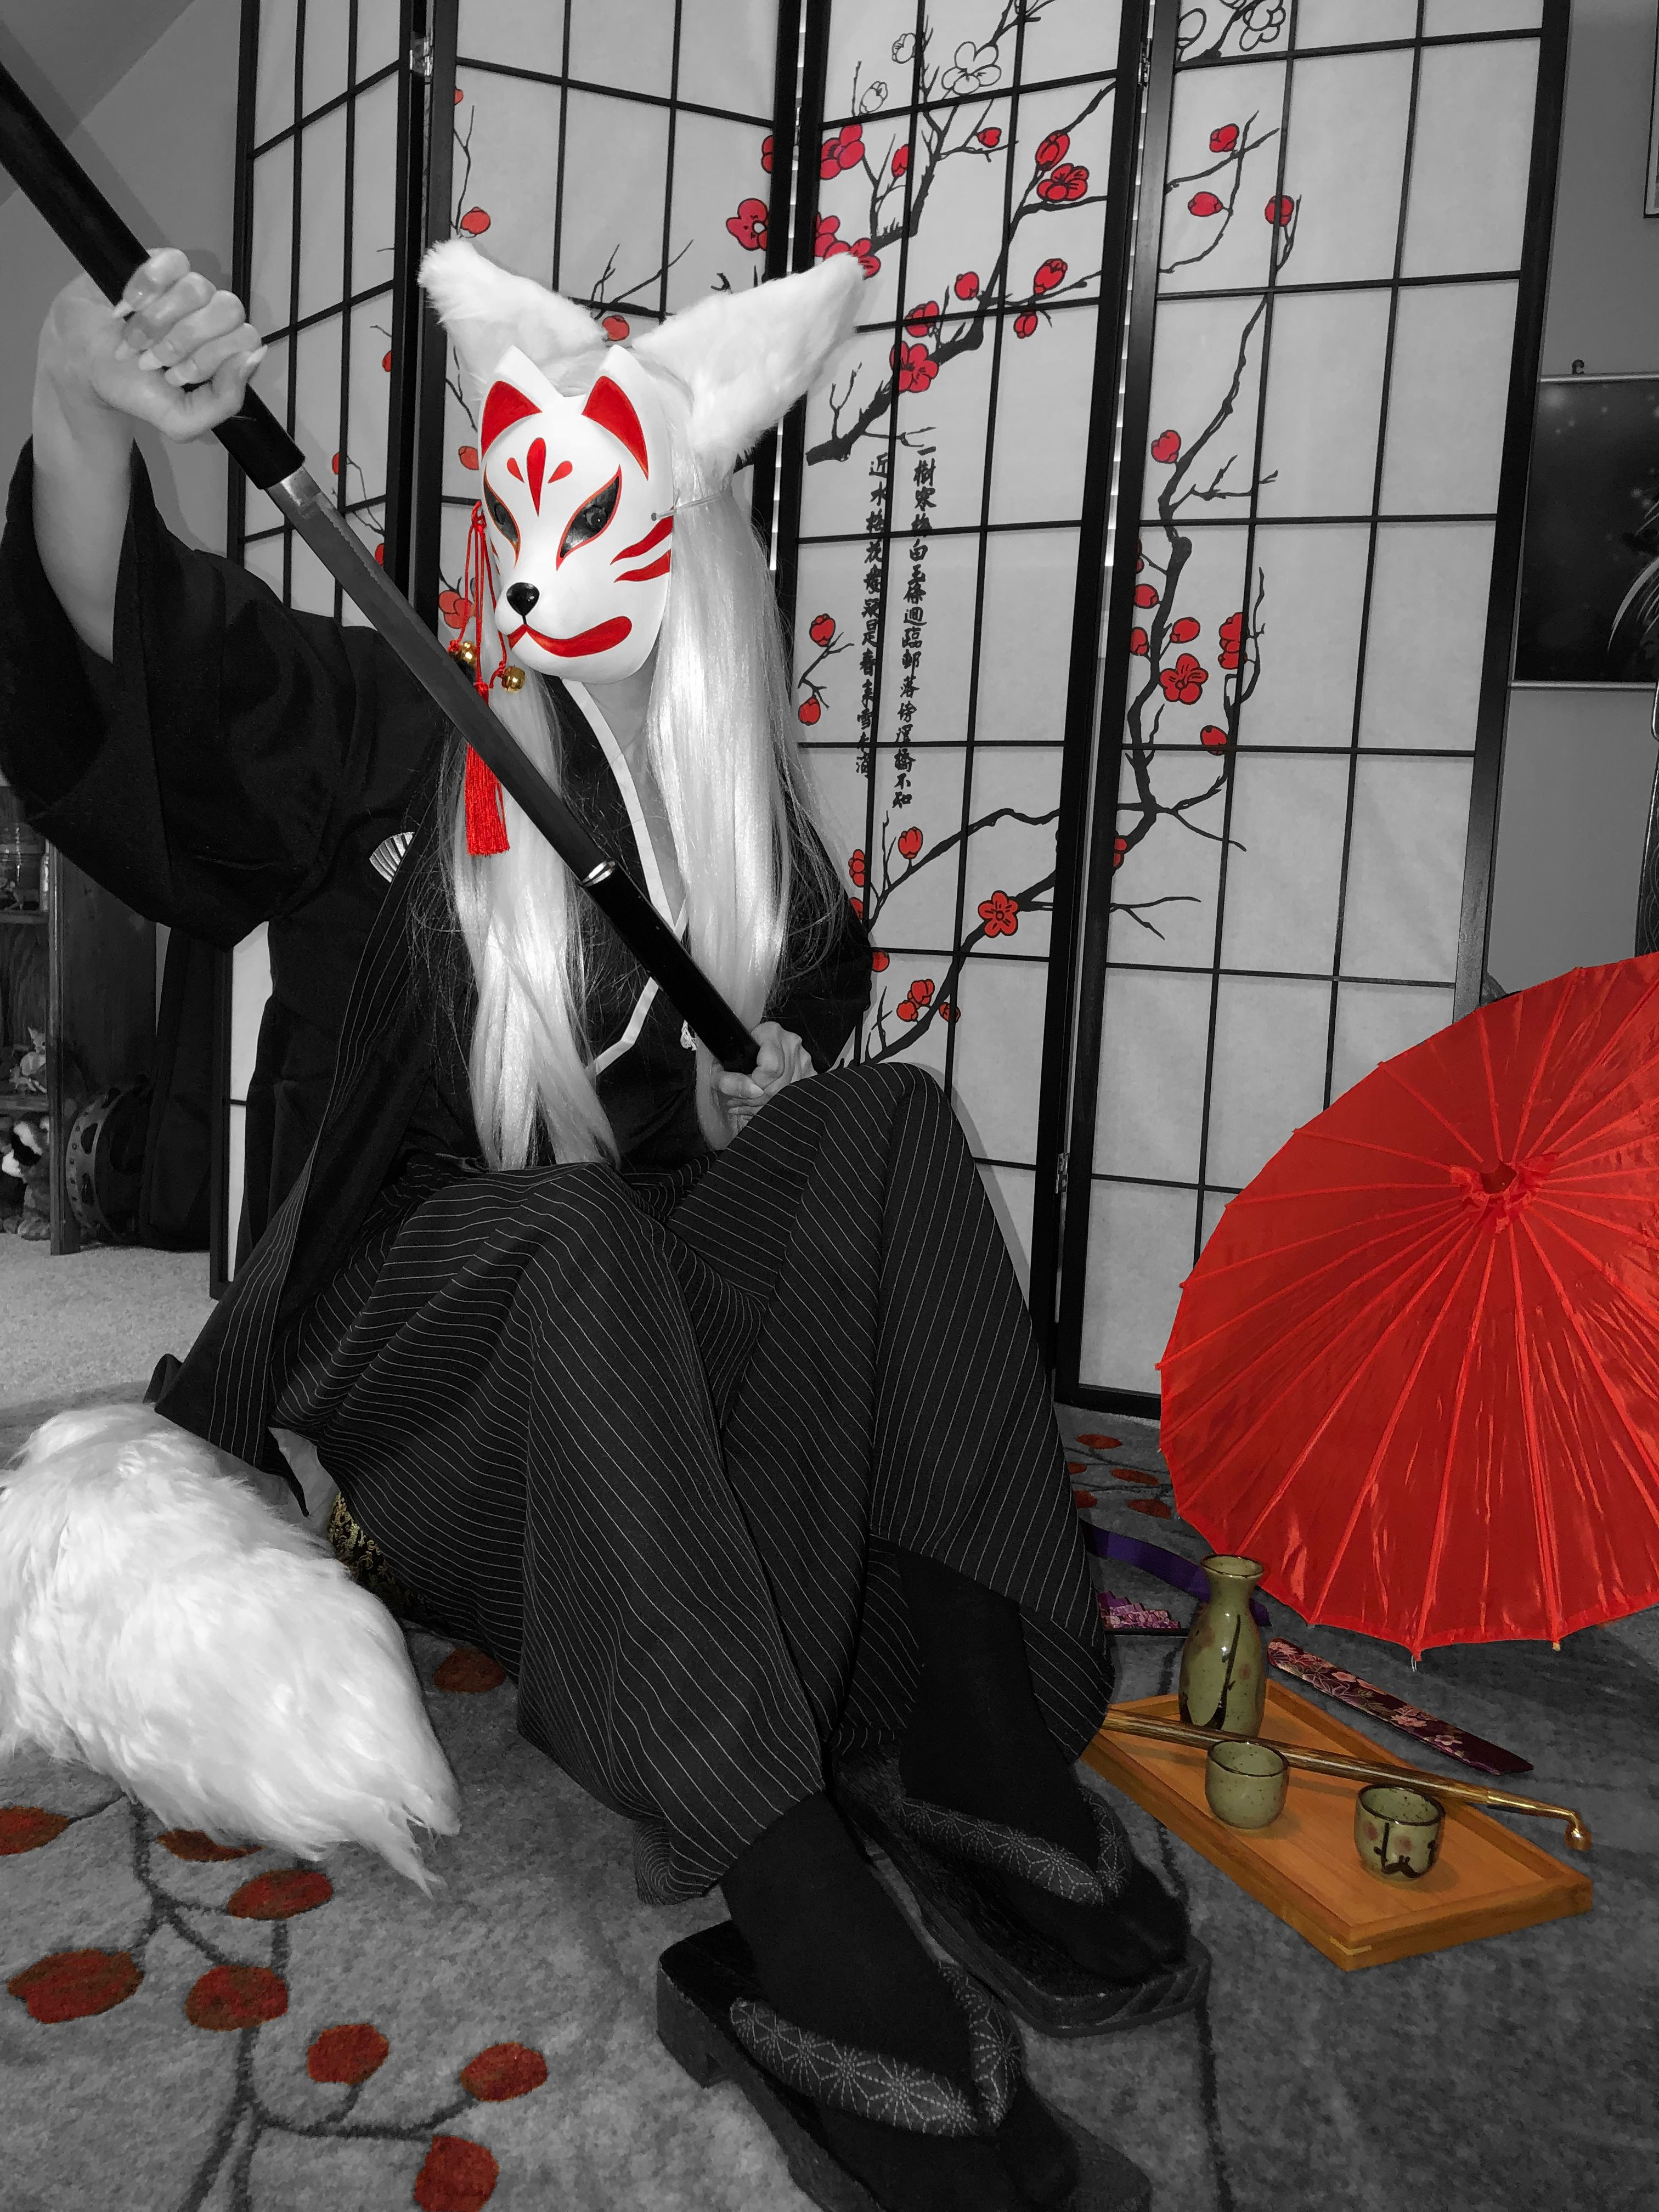 kitsune kitsunecosplay cosplay colorsplash in 2020